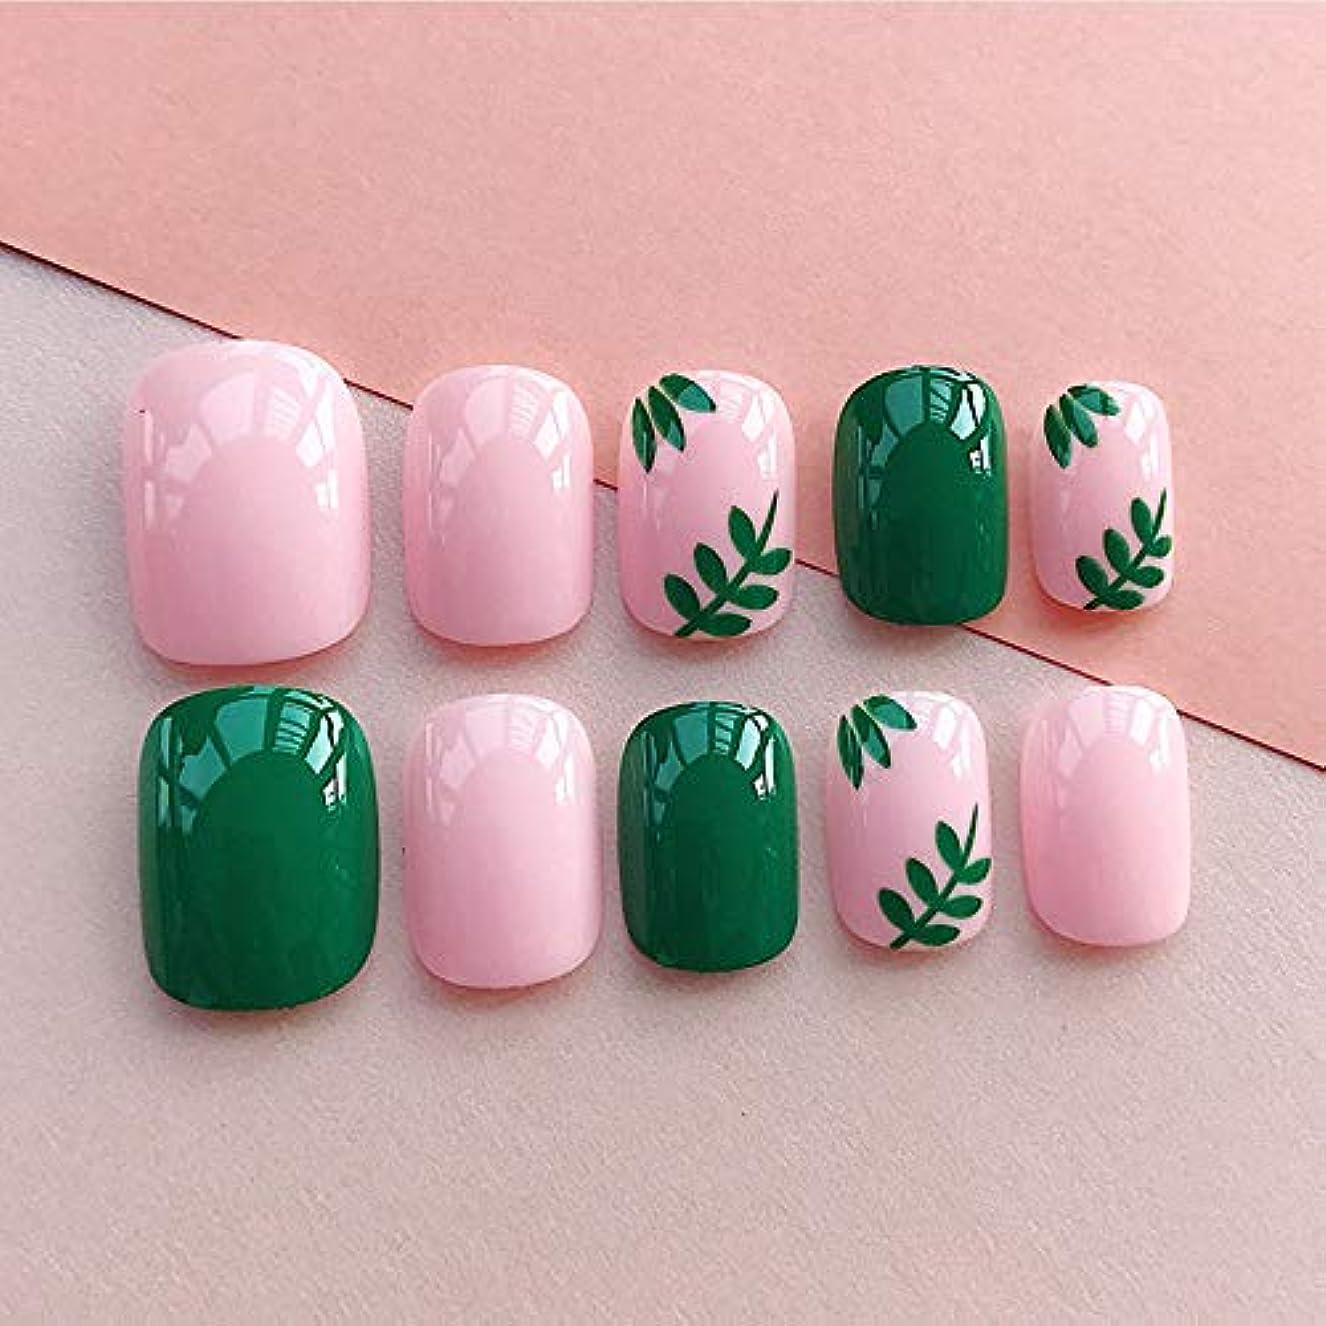 ホールド素敵な農業のネイルチップ 夏の 無地 ピンク 緑の葉 優雅 短い 四角形 フルカバー 24枚 12別サイズ つ